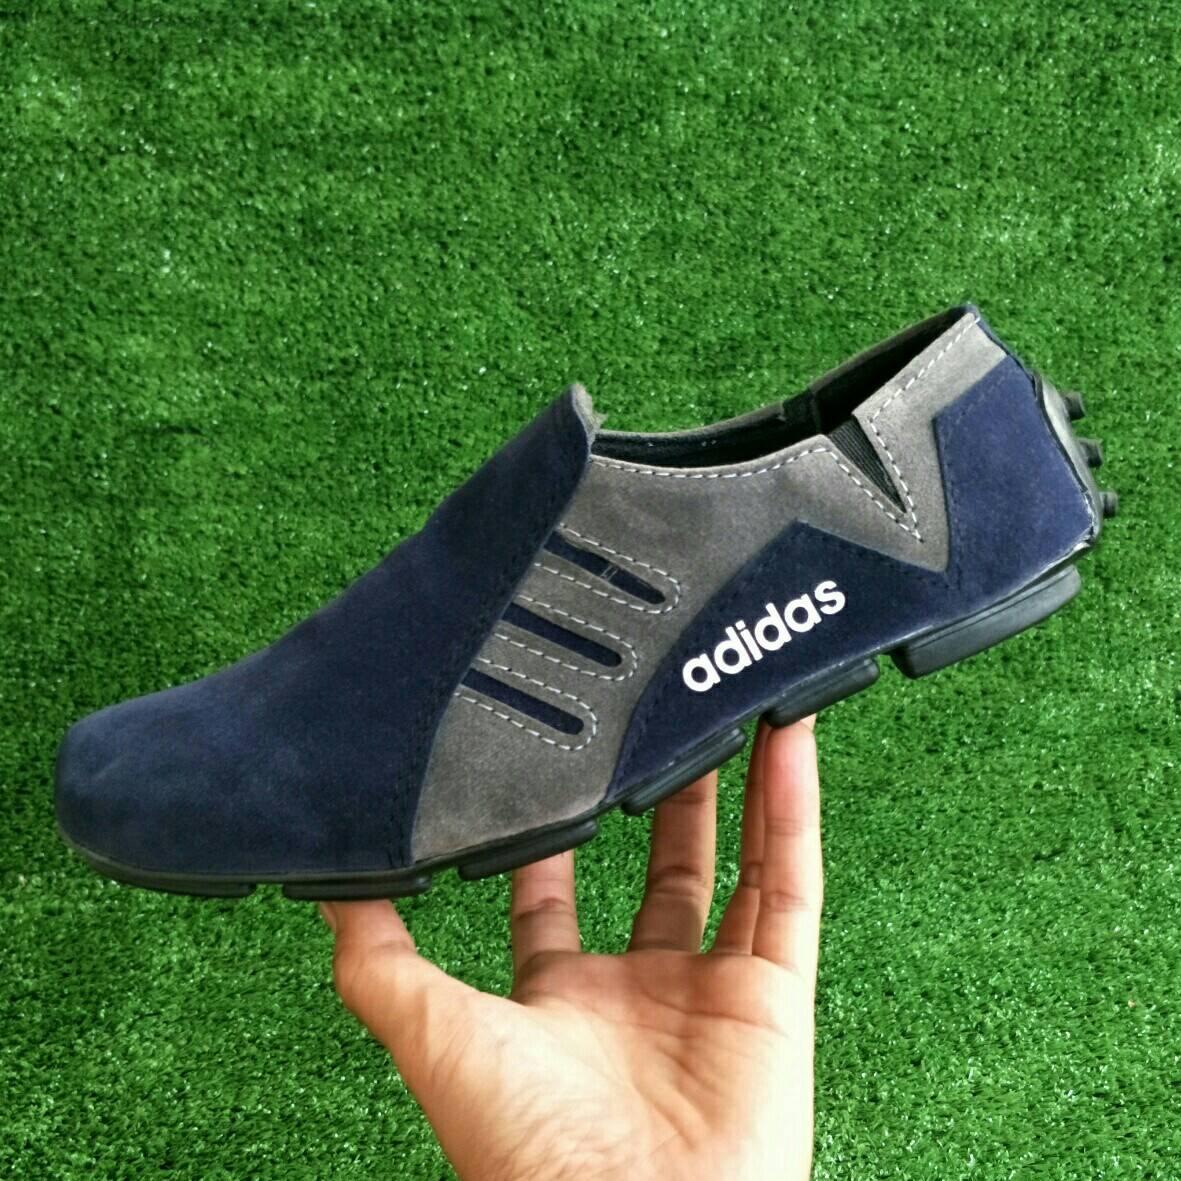 Sepatu Kickers slip on pria Mokasin Rajut Kulit suede , sepatu Kuliah ,Sepatu Santai, Sepatu Kerja, Sepatu Formal, Sepatu Pria ,sepatu slop .sepatu slip on ,sepatu loafers ,sepatu kulit ,sepatu slop pria bisa  bayar di tempat